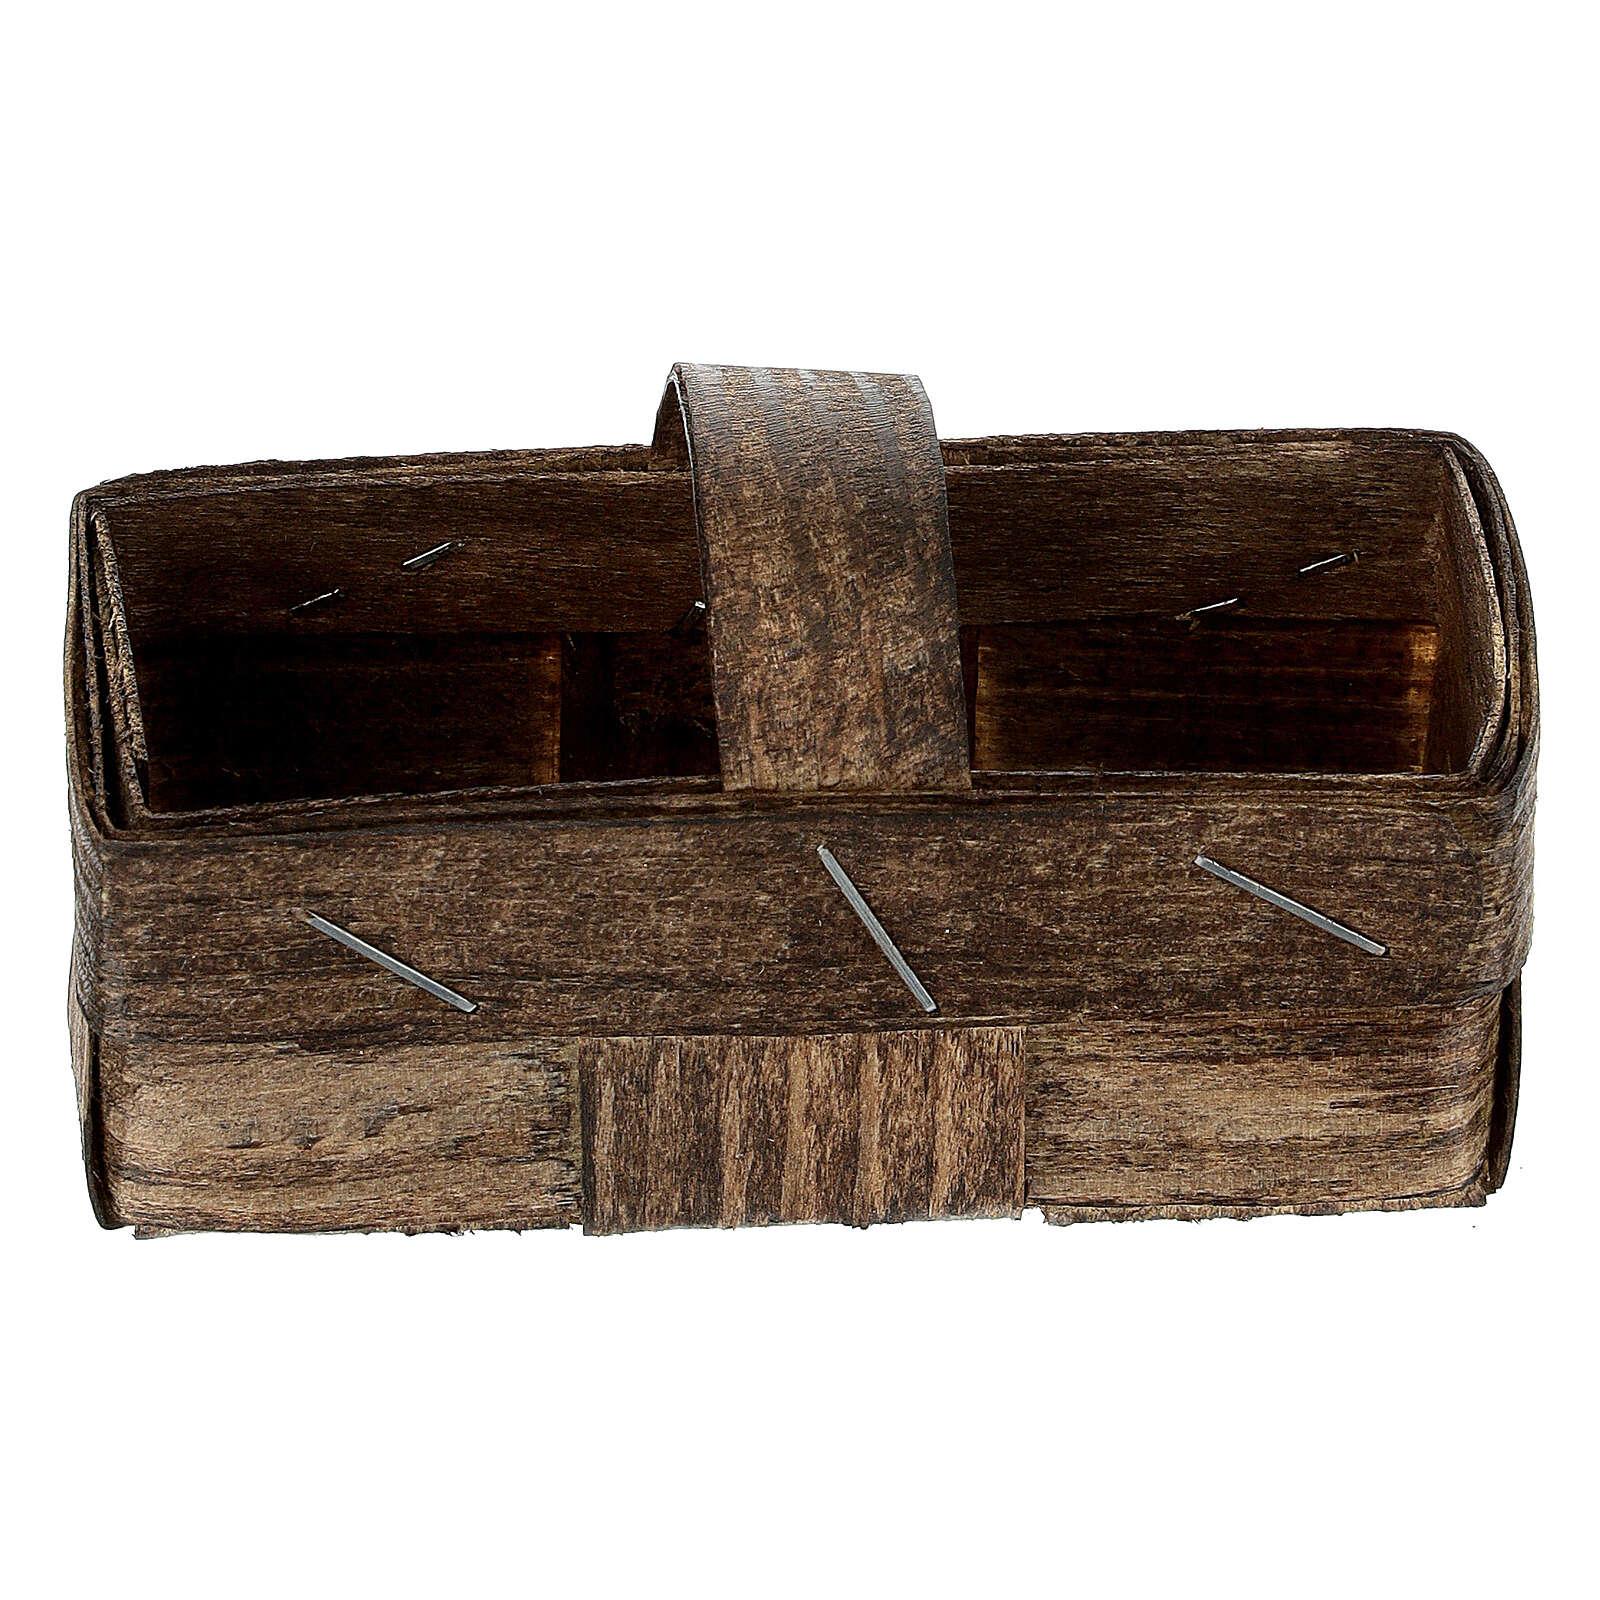 Rectangular basket 5x10x5 cm Nativity scene 4